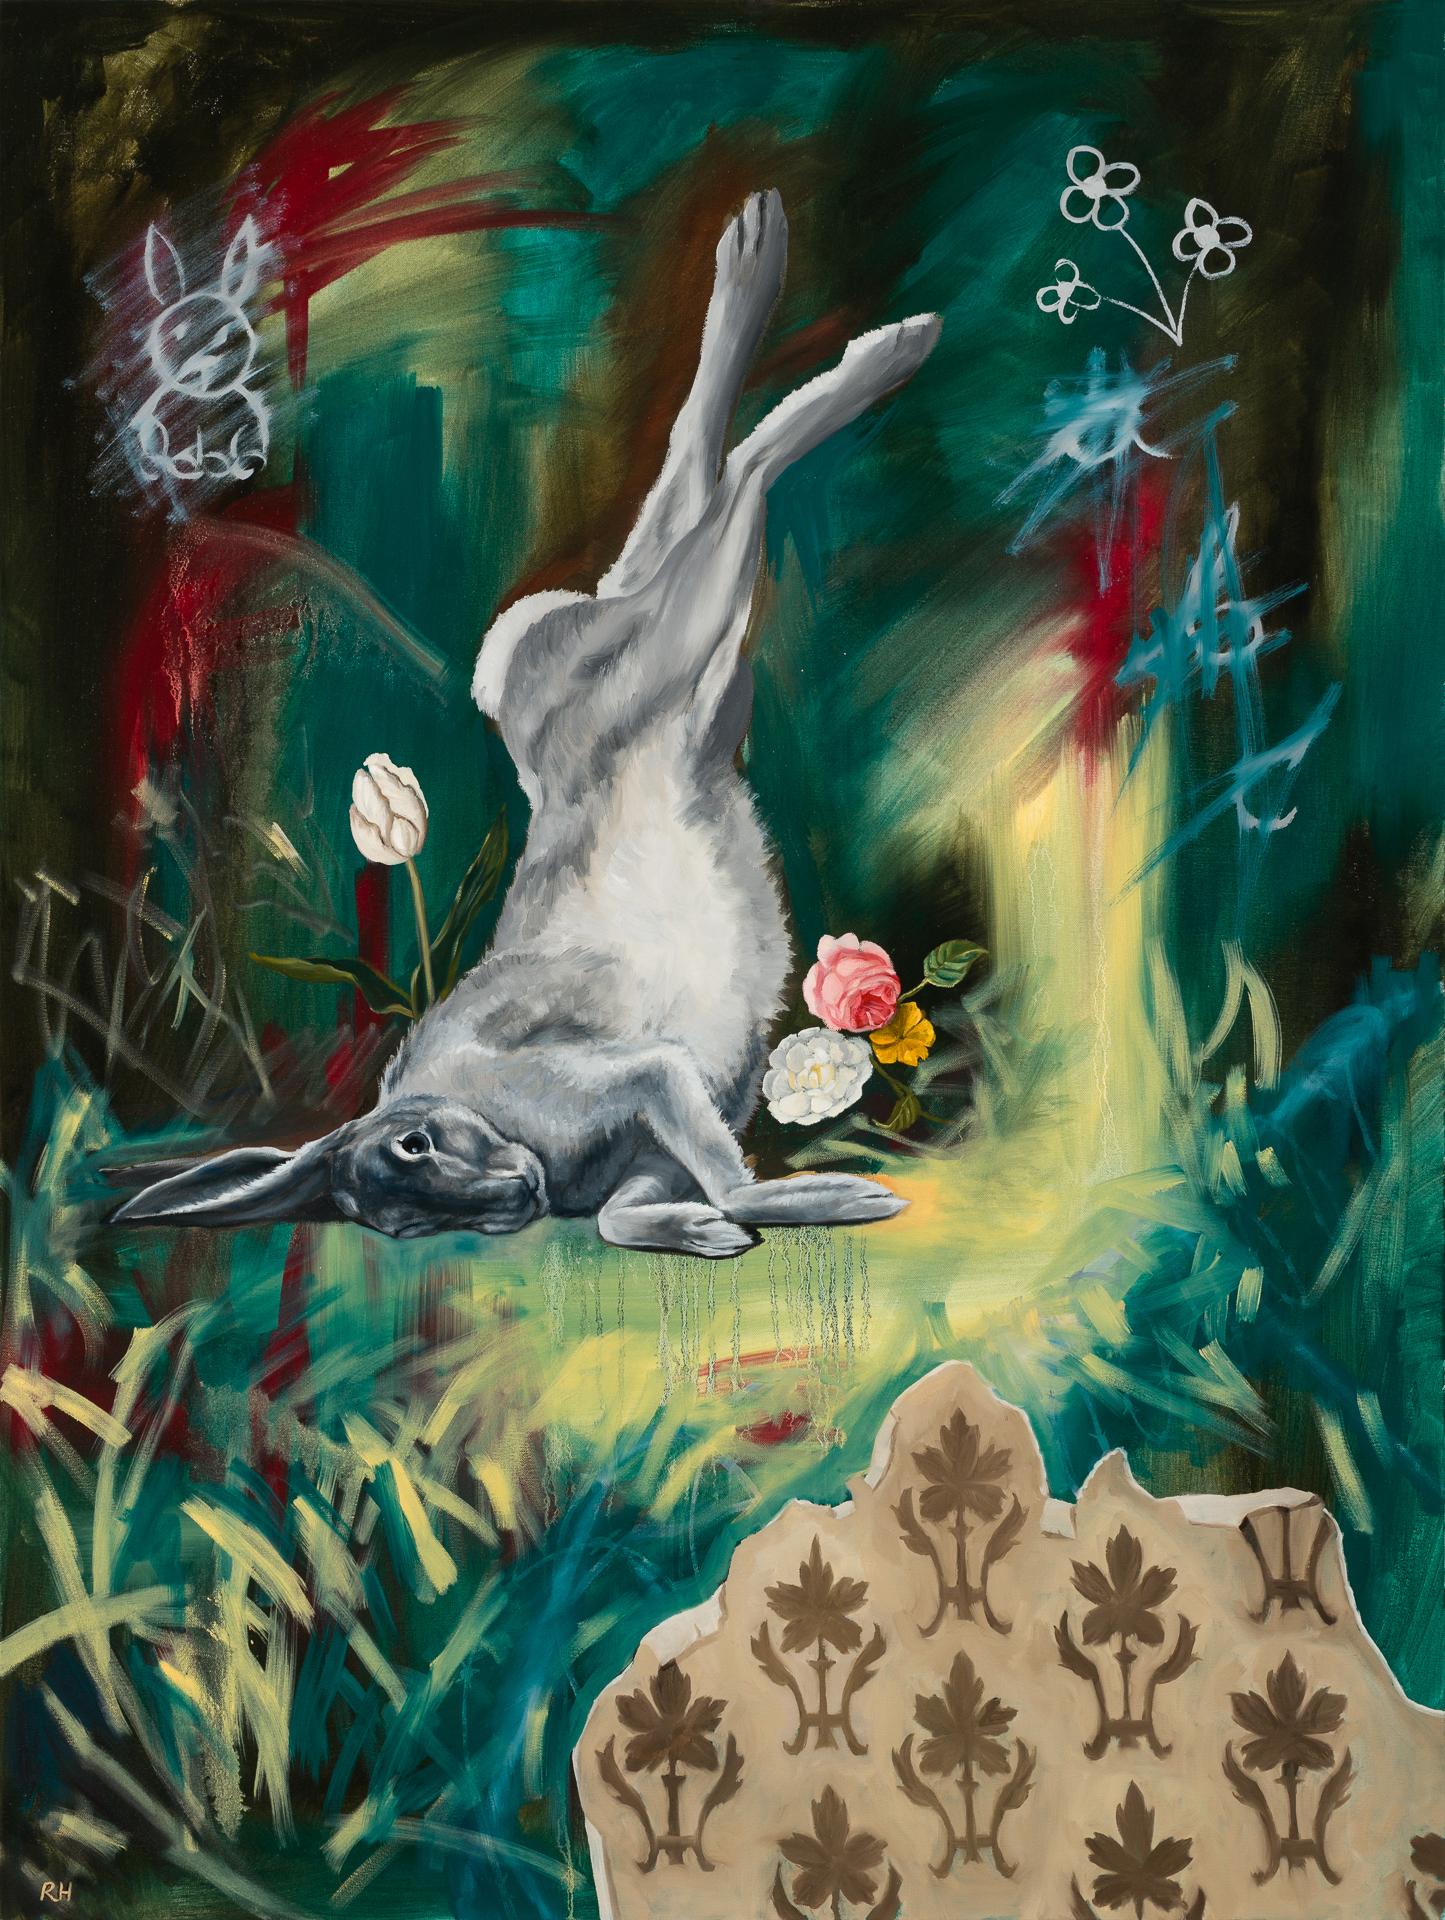 Upside Down in Wonderland